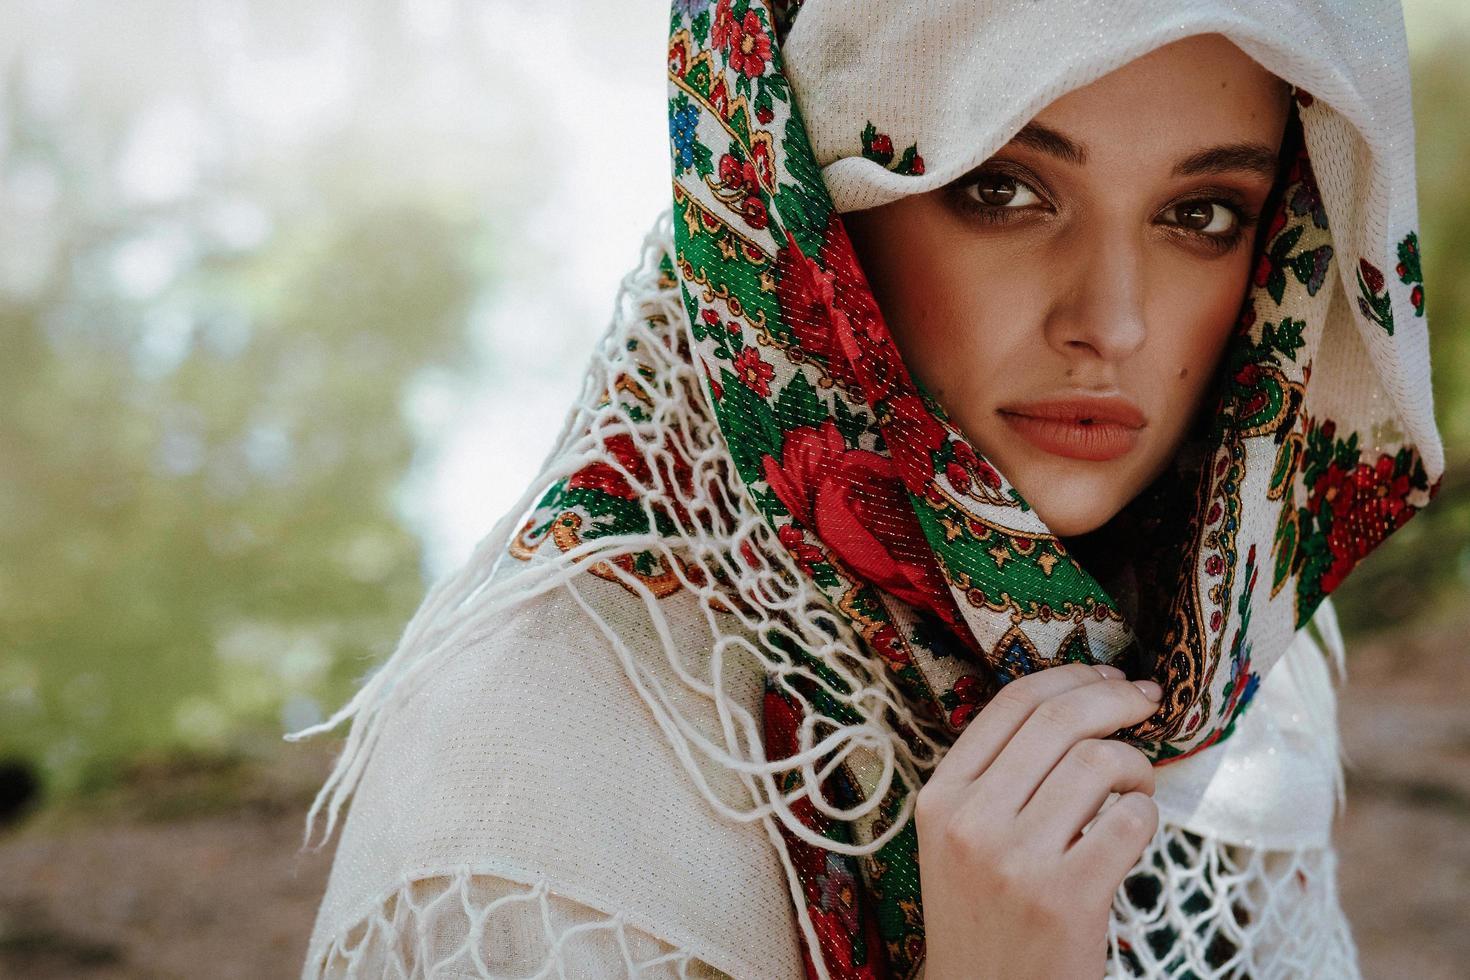 Porträt eines jungen Mädchens in einem ukrainischen ethnischen Kleid foto